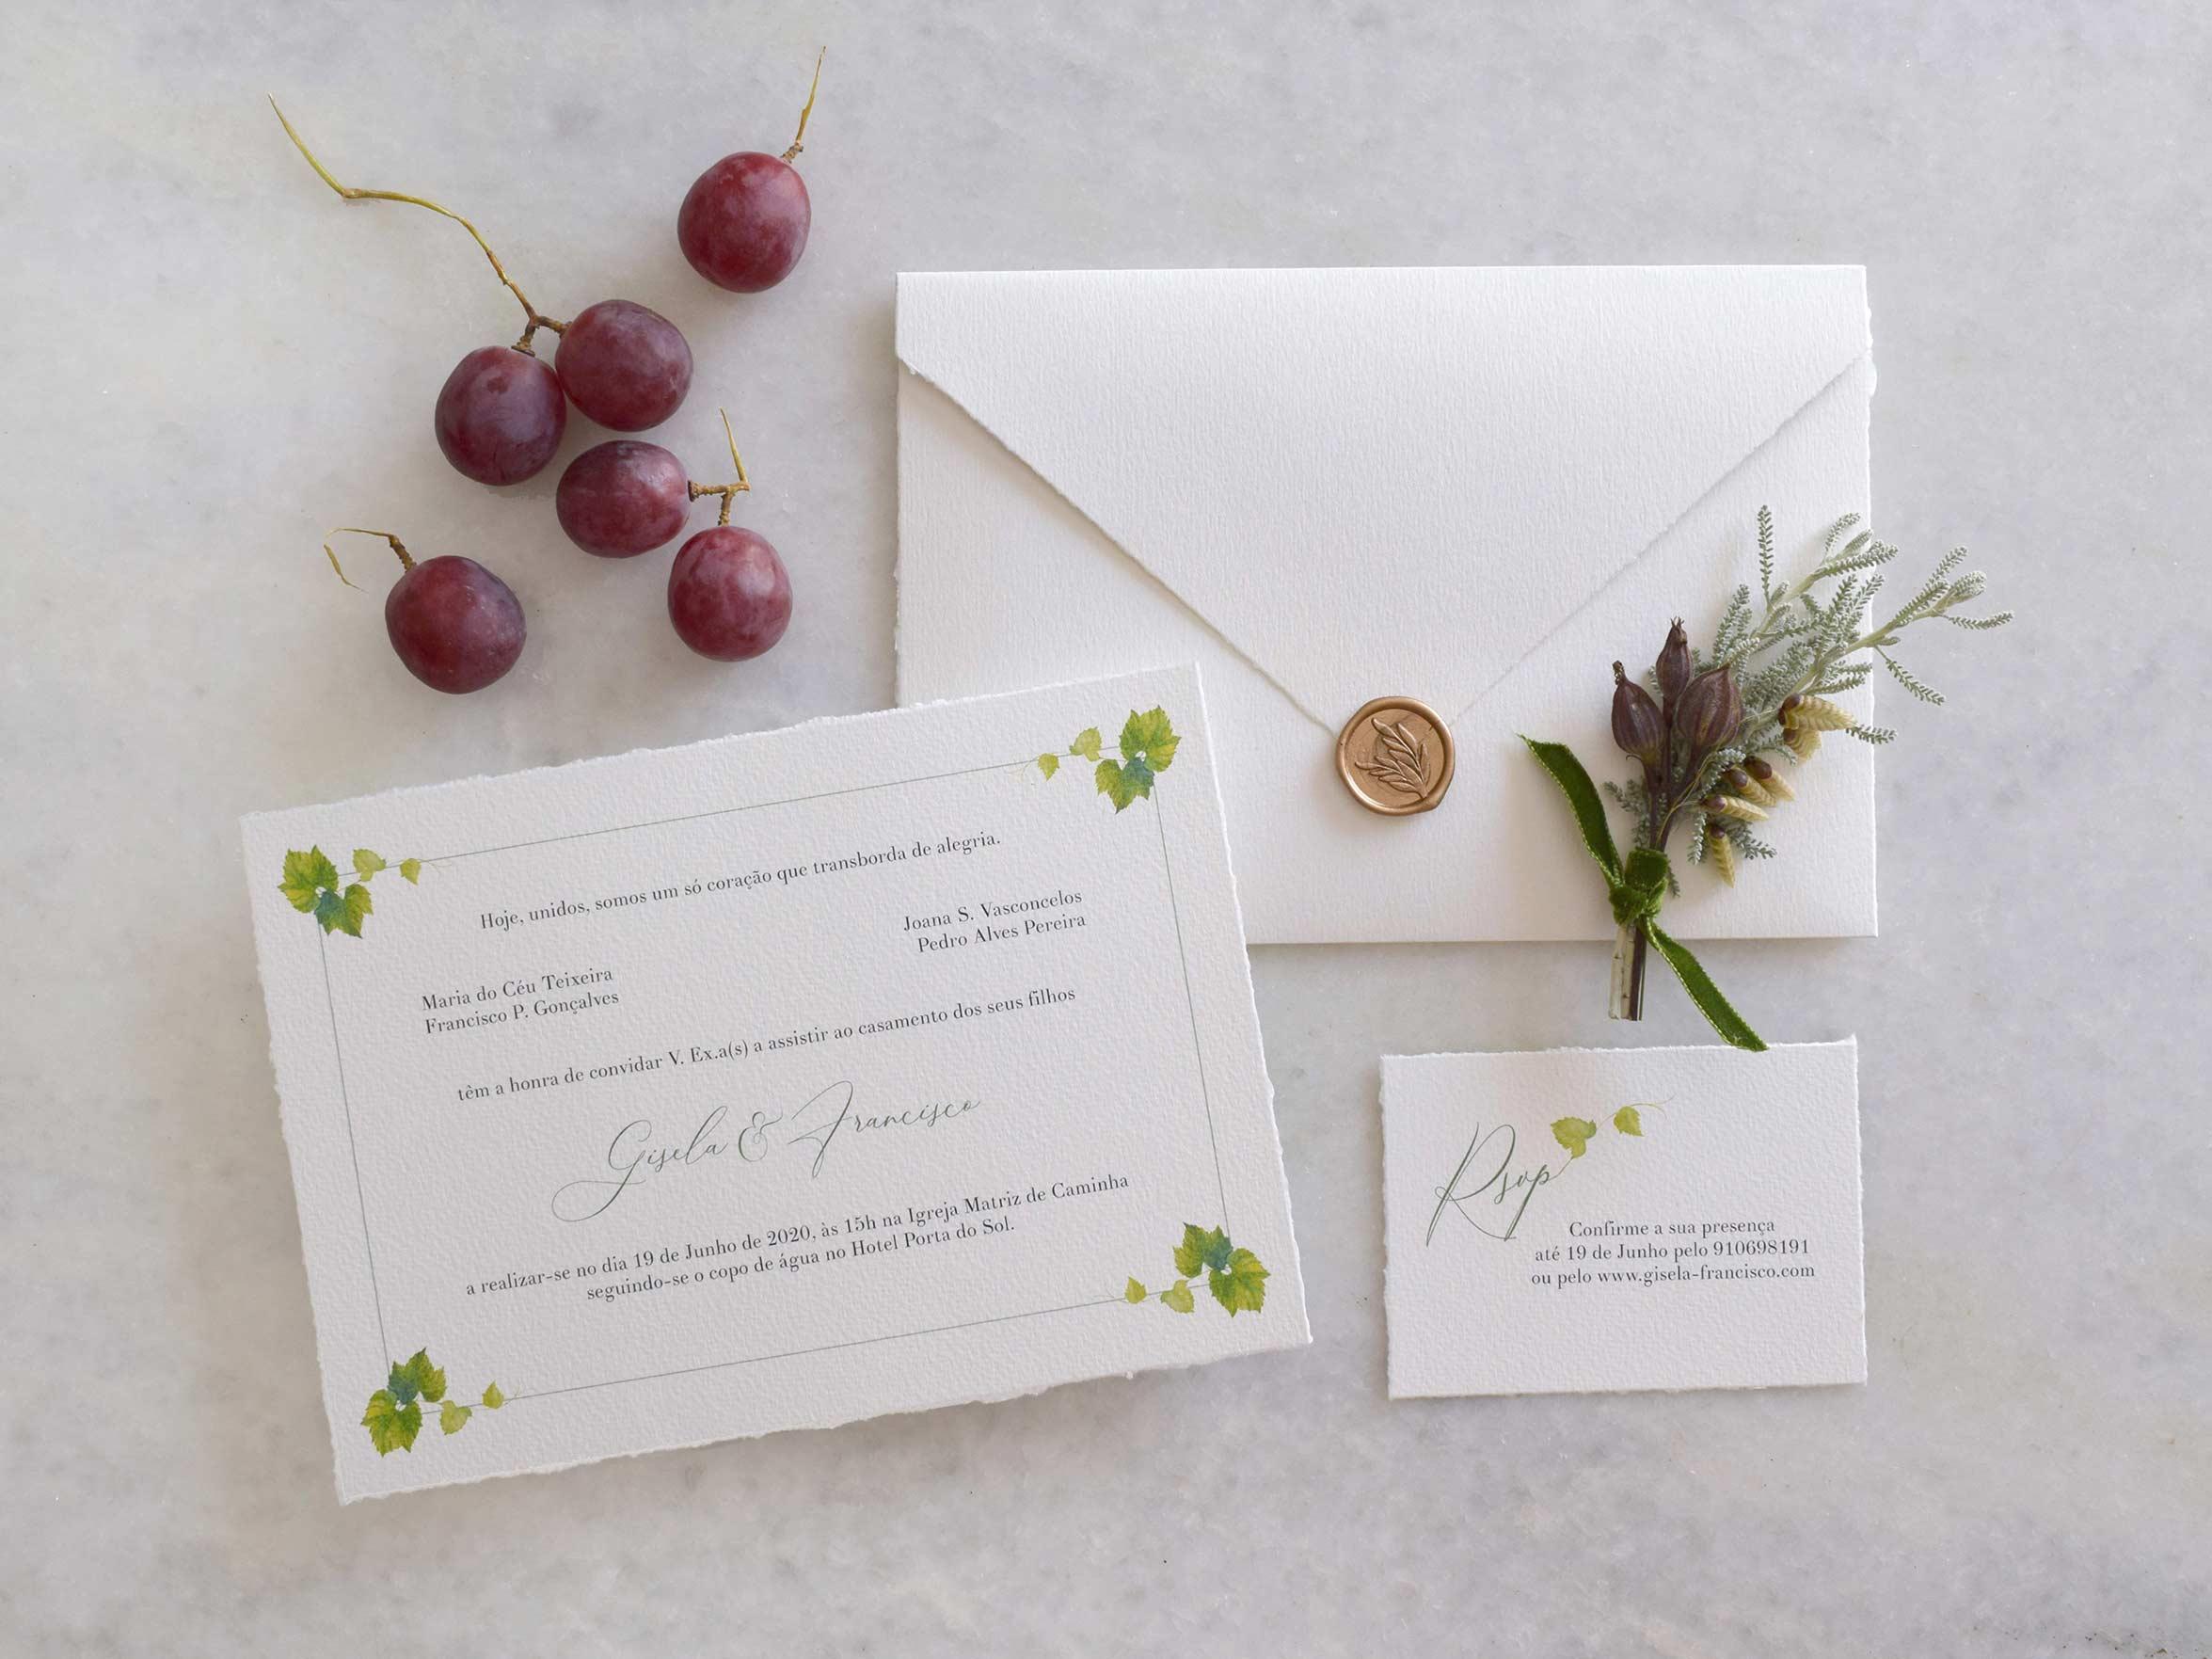 o-tom-do-convite-de-casamento